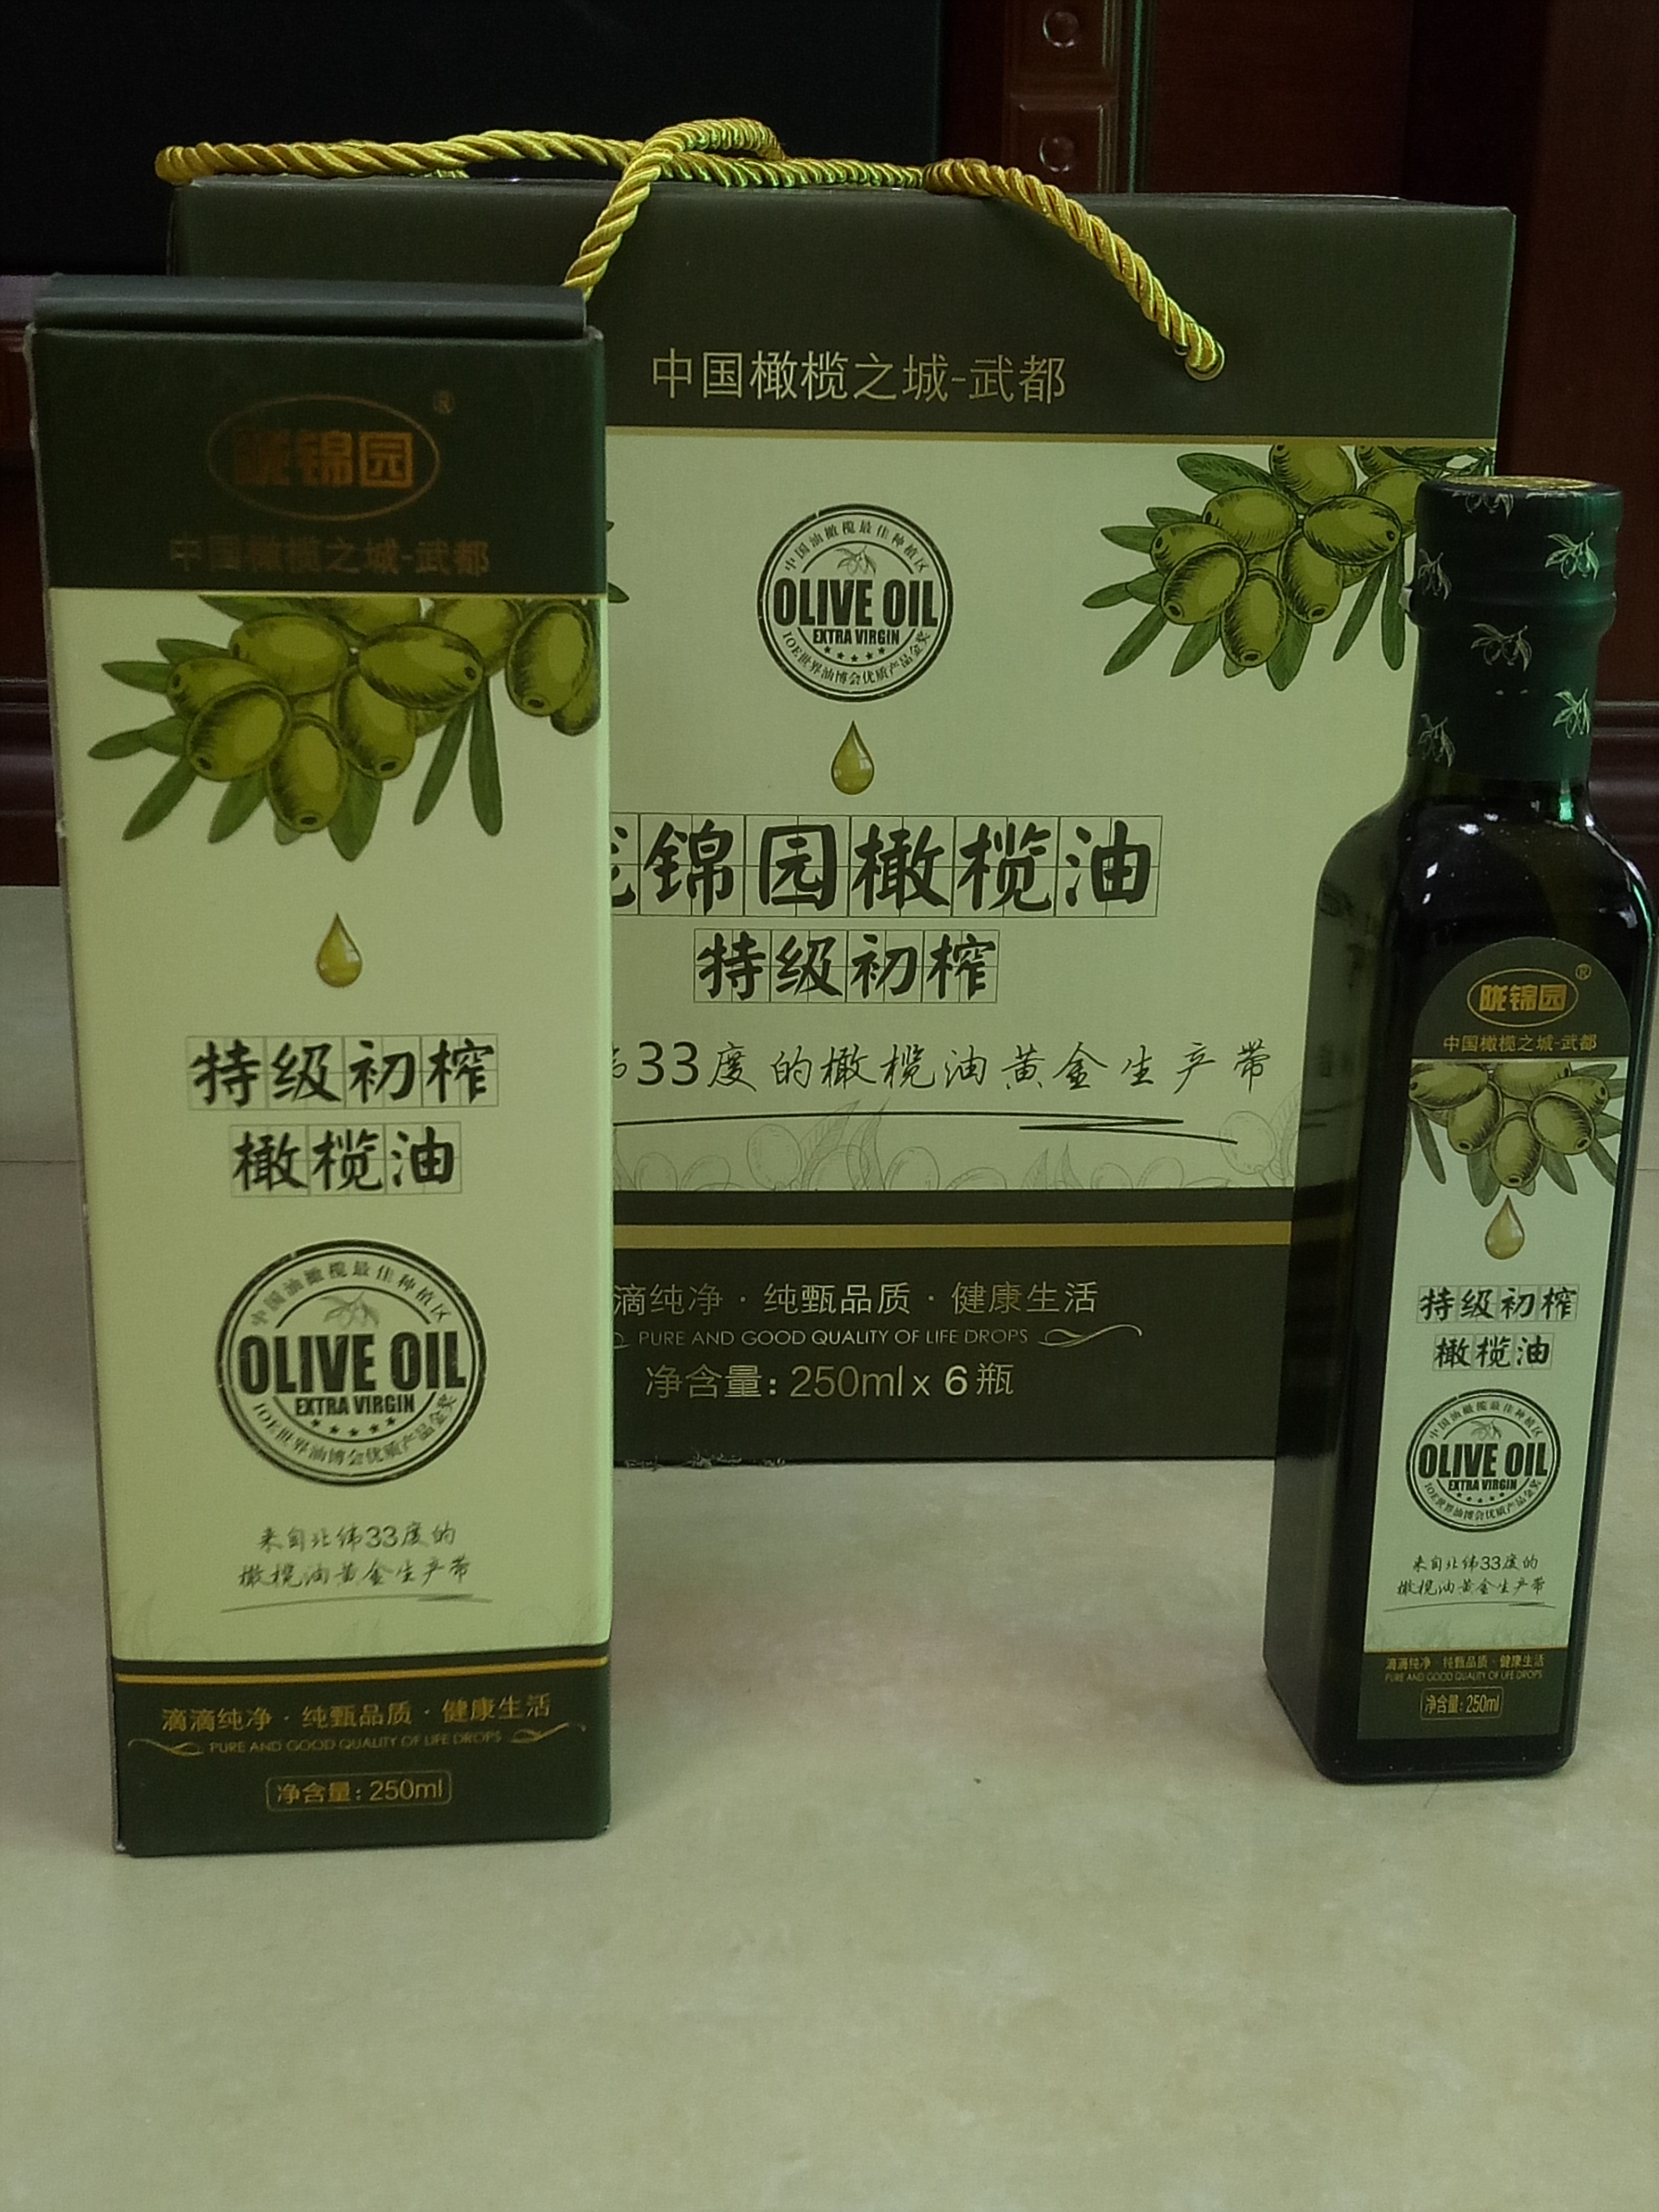 陇南陇锦园 - 特级初榨橄榄油250ml